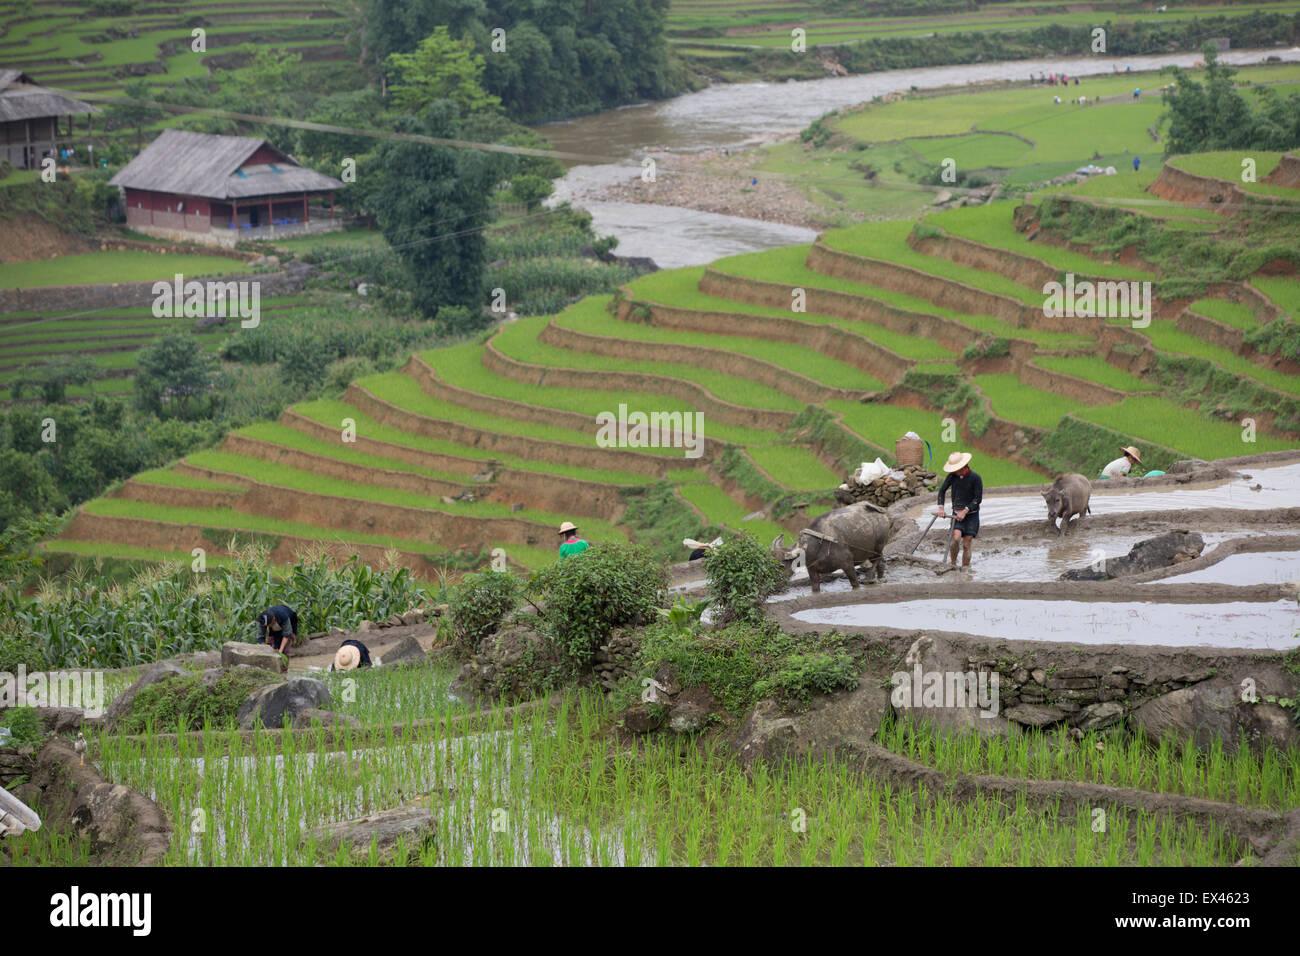 Impianto di coltivatori di riso durante la stagione delle piogge con un bufalo indiano di acqua prelevata aratro Immagini Stock